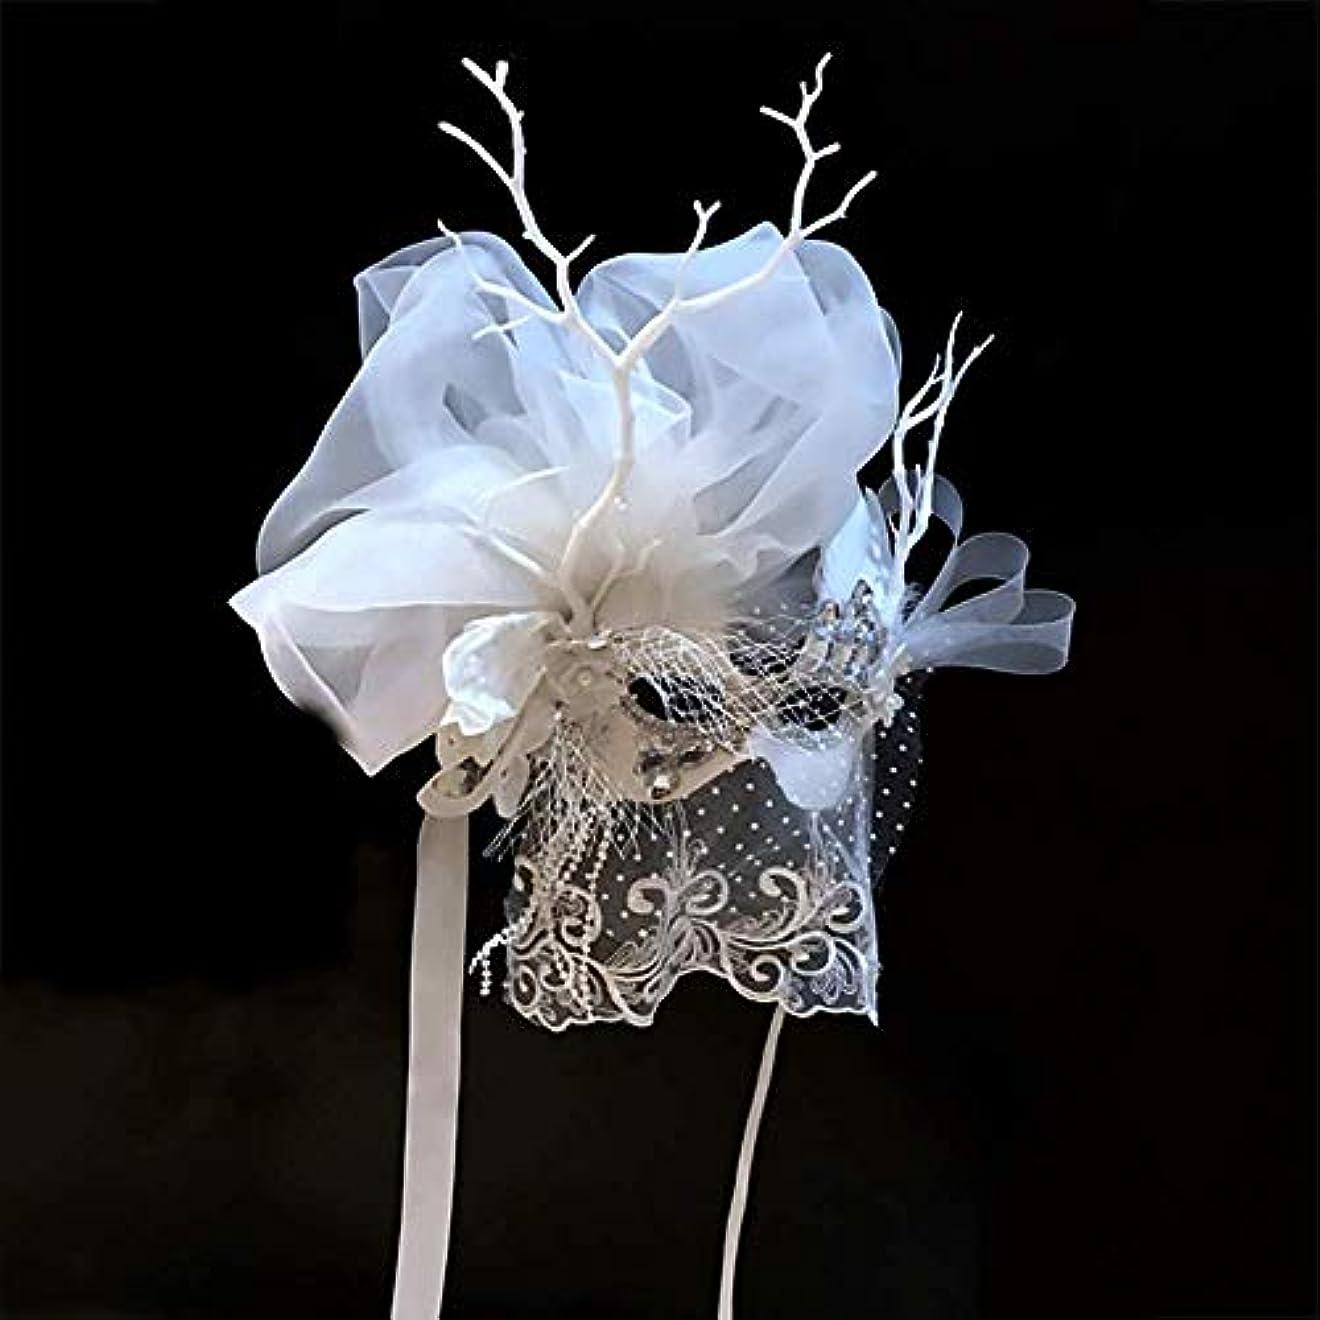 雨仮装放散するNanle ハロウィンラグジュアリーマスカレードマスクメタルラインストーンイブニングパーティーVenetian Mardi Gras Party Mask (色 : 白)